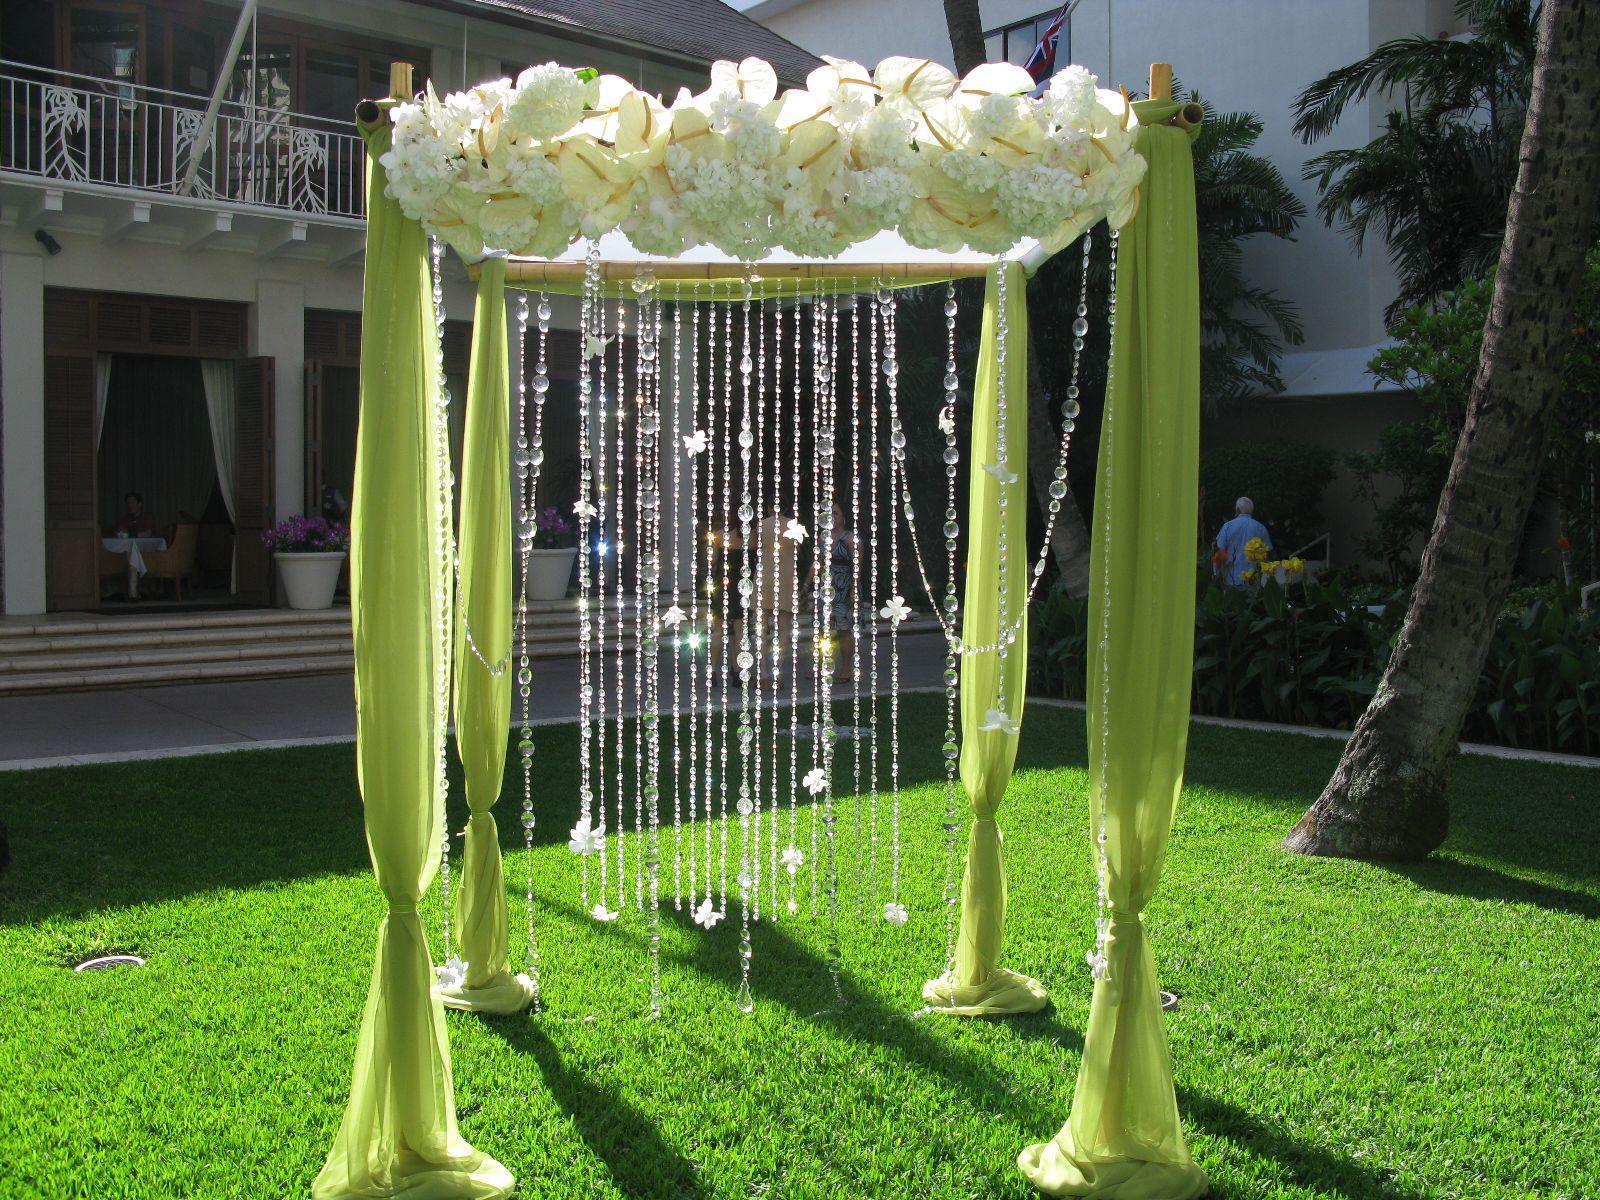 25 Idées De Décorations En Bambou Pour Apporter Une Touche ... dedans Decoration De Jardin A Faire Soi Meme